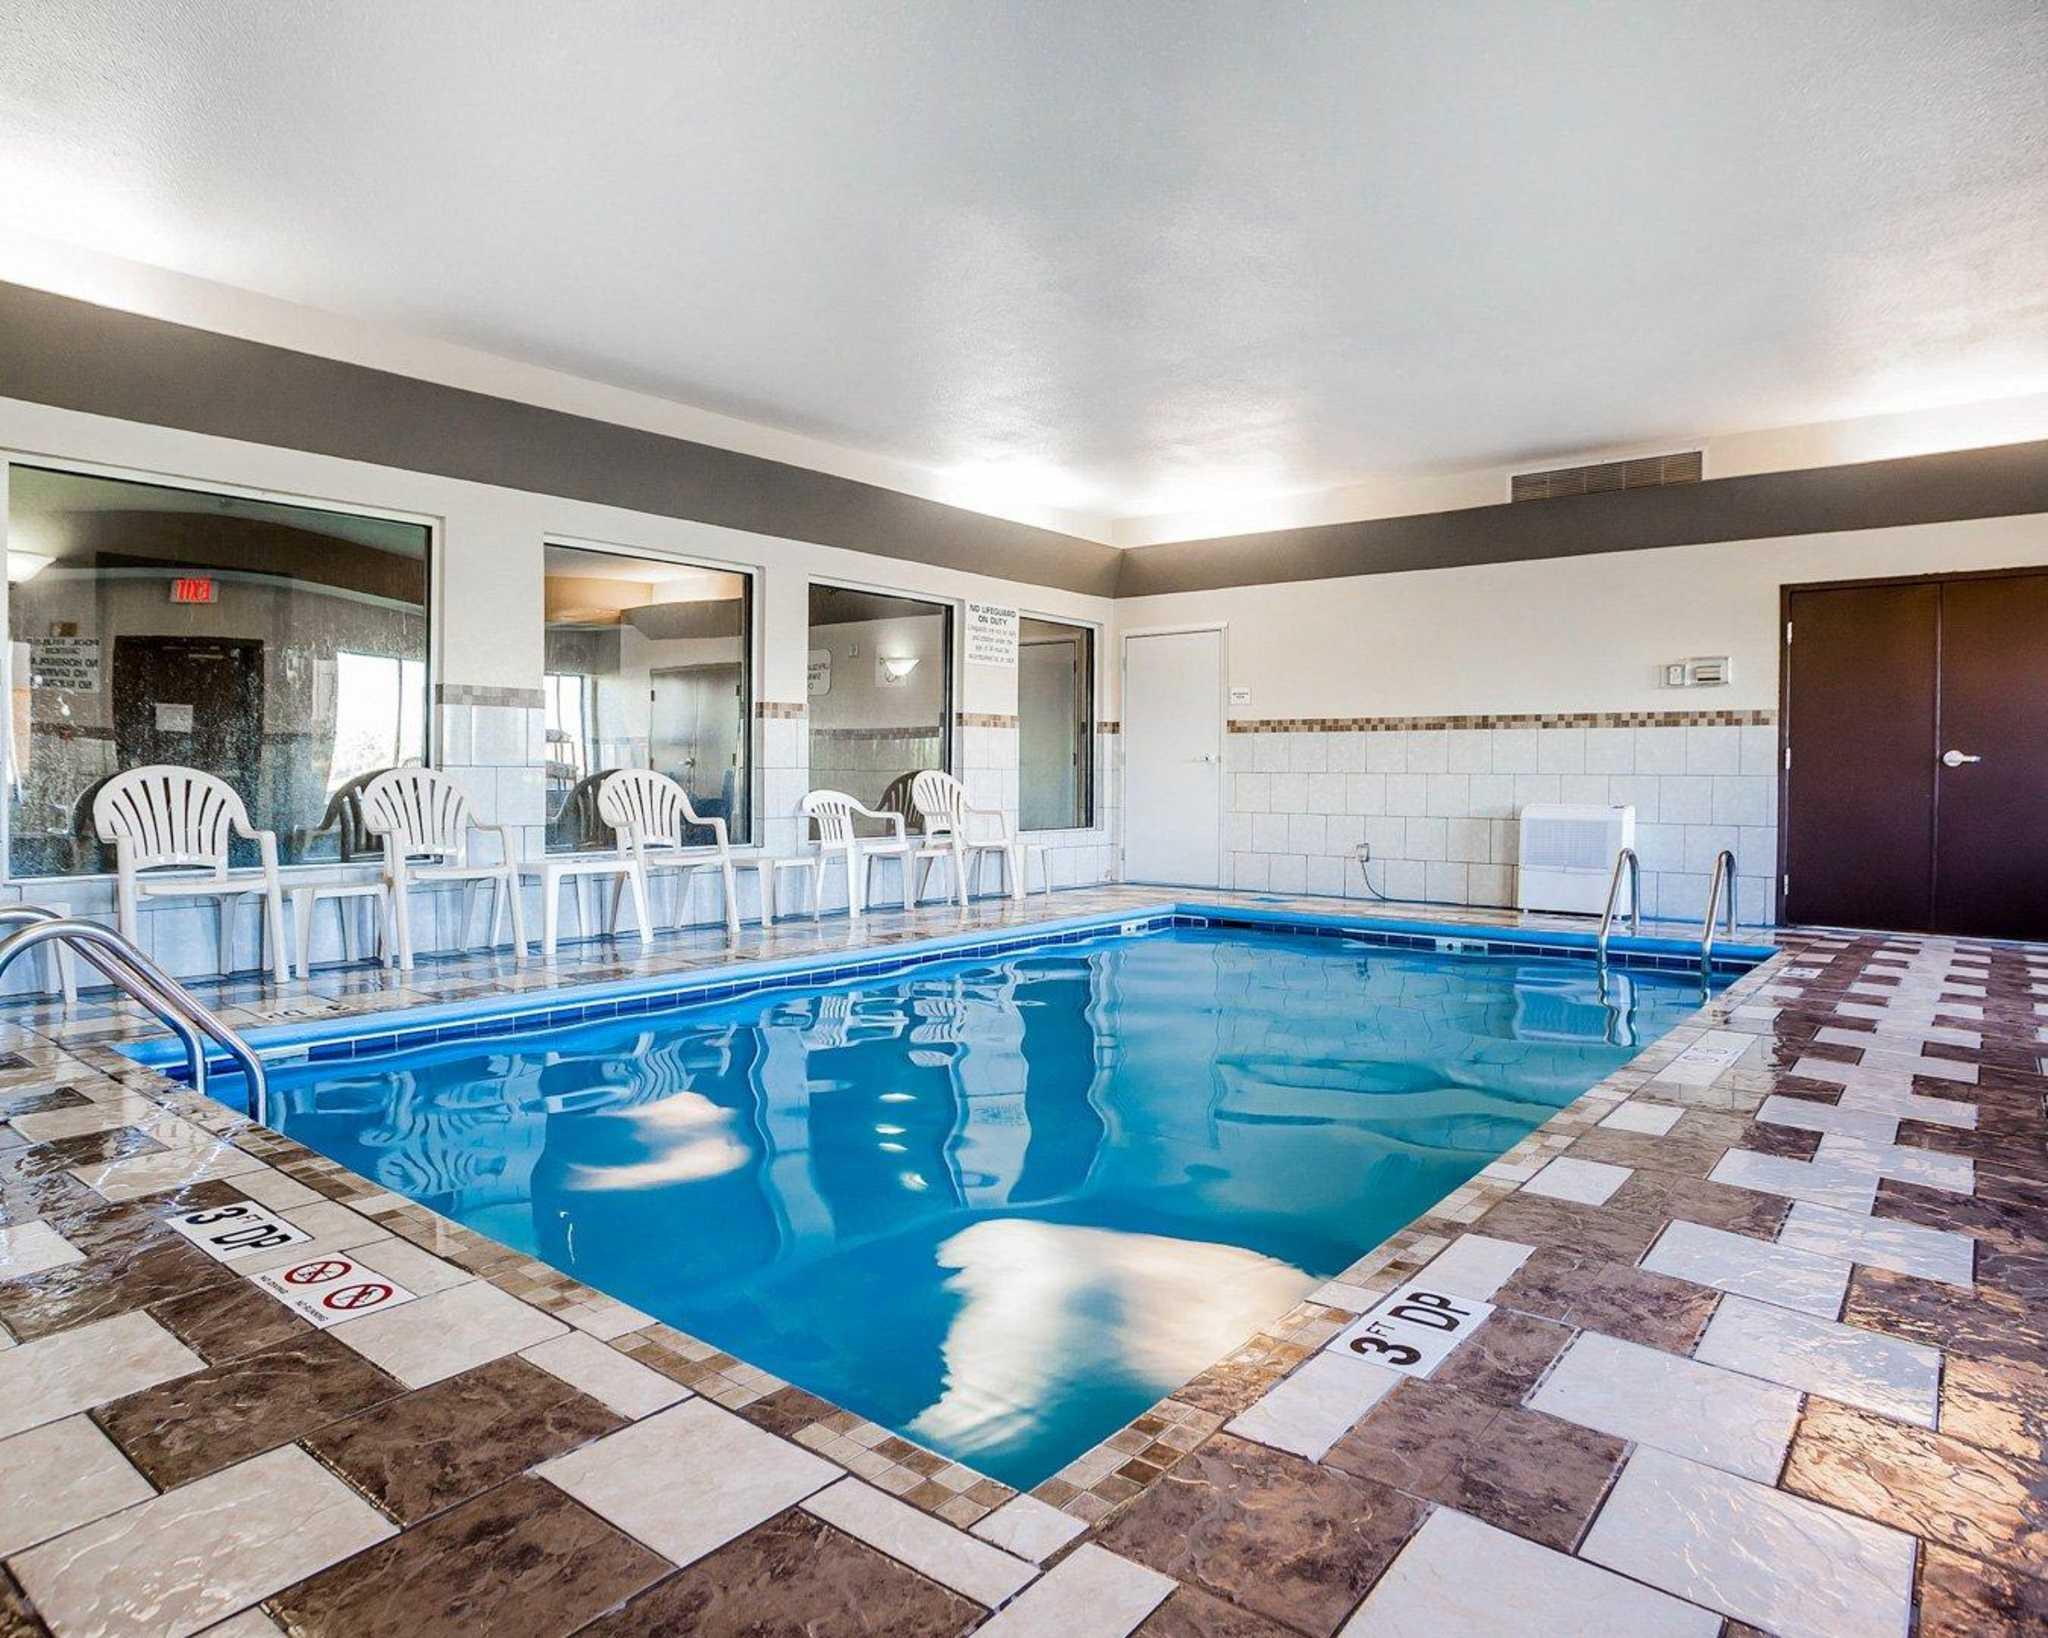 Quality Inn & Suites Altoona - Des Moines image 14